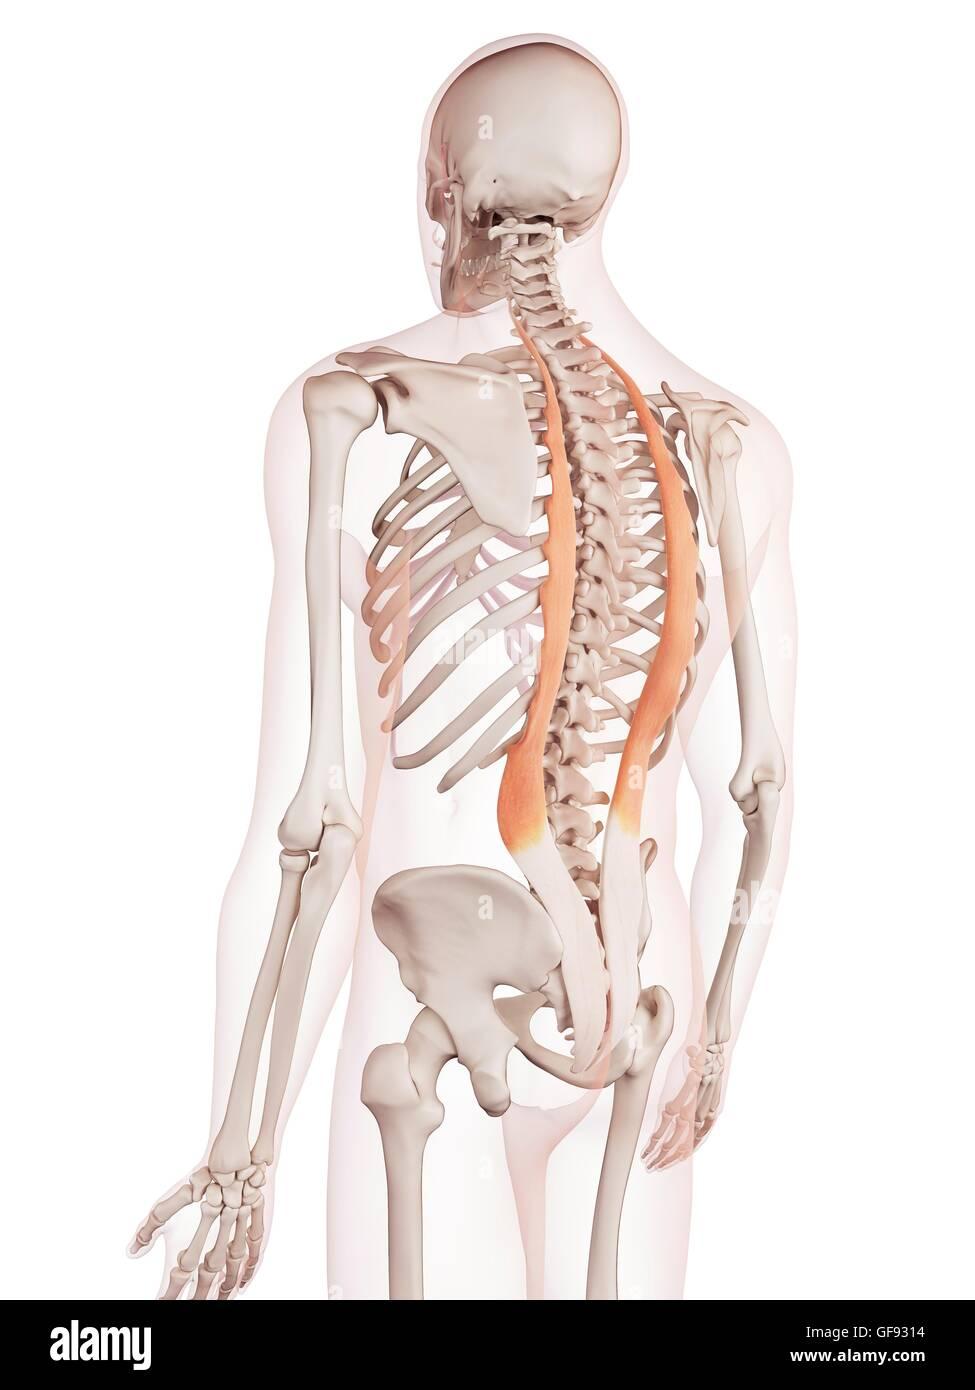 Ausgezeichnet Obere Rückenmuskulatur Bilder - Menschliche Anatomie ...